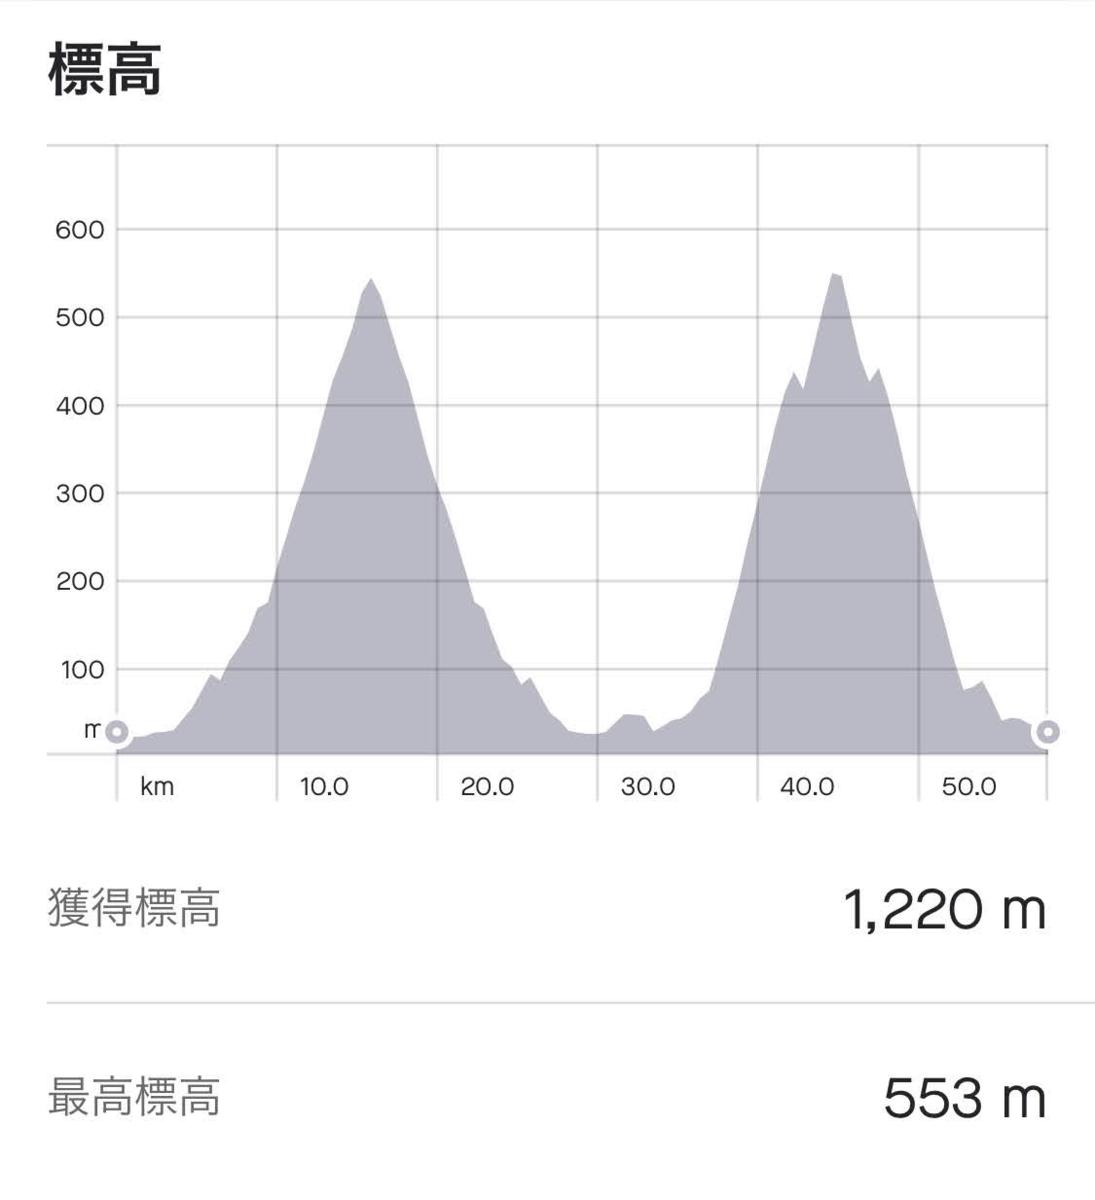 f:id:PikaCycling:20210109141047p:plain